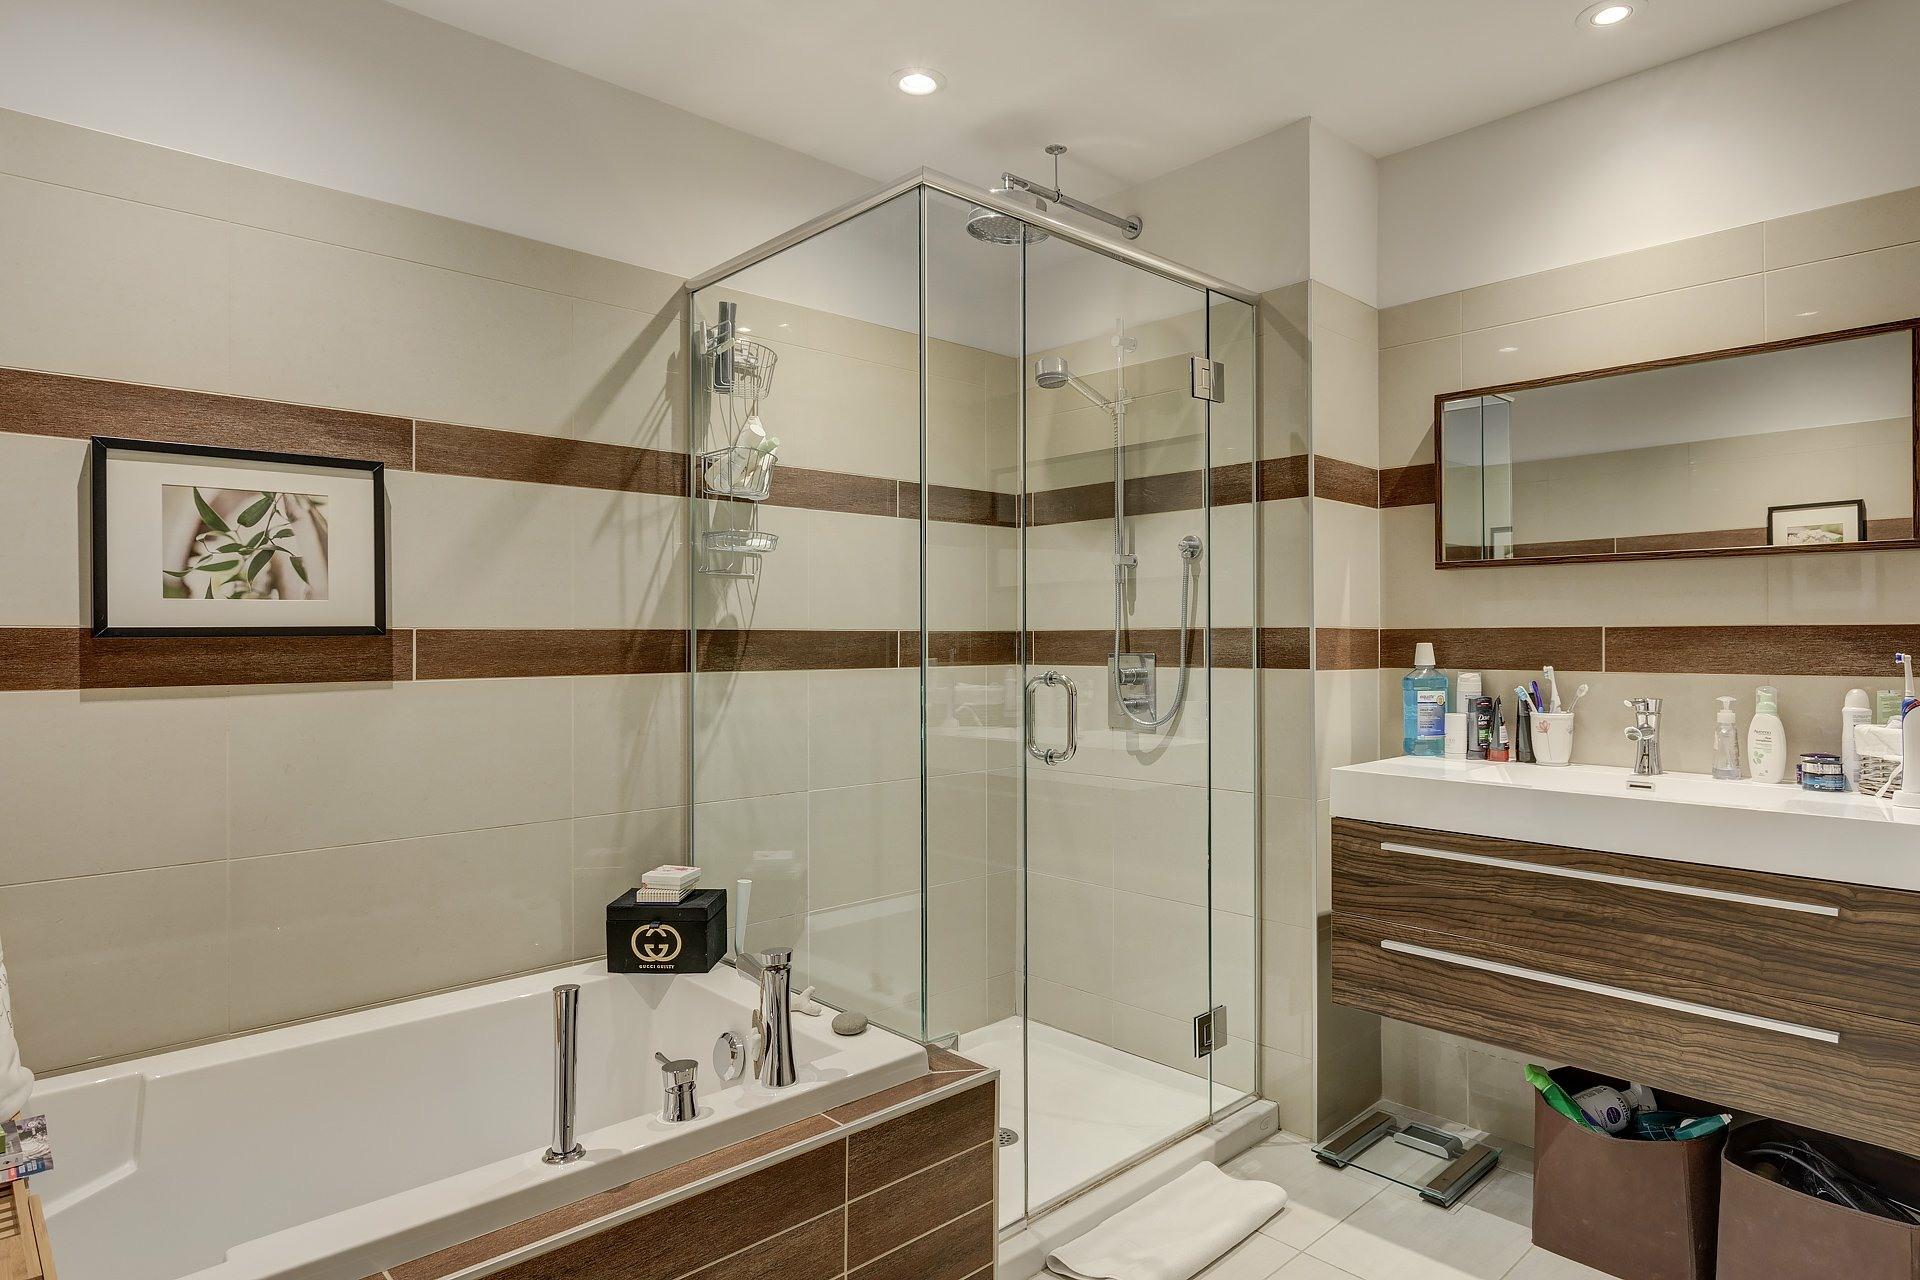 image 18 - Apartment For sale Côte-des-Neiges/Notre-Dame-de-Grâce Montréal  - 5 rooms